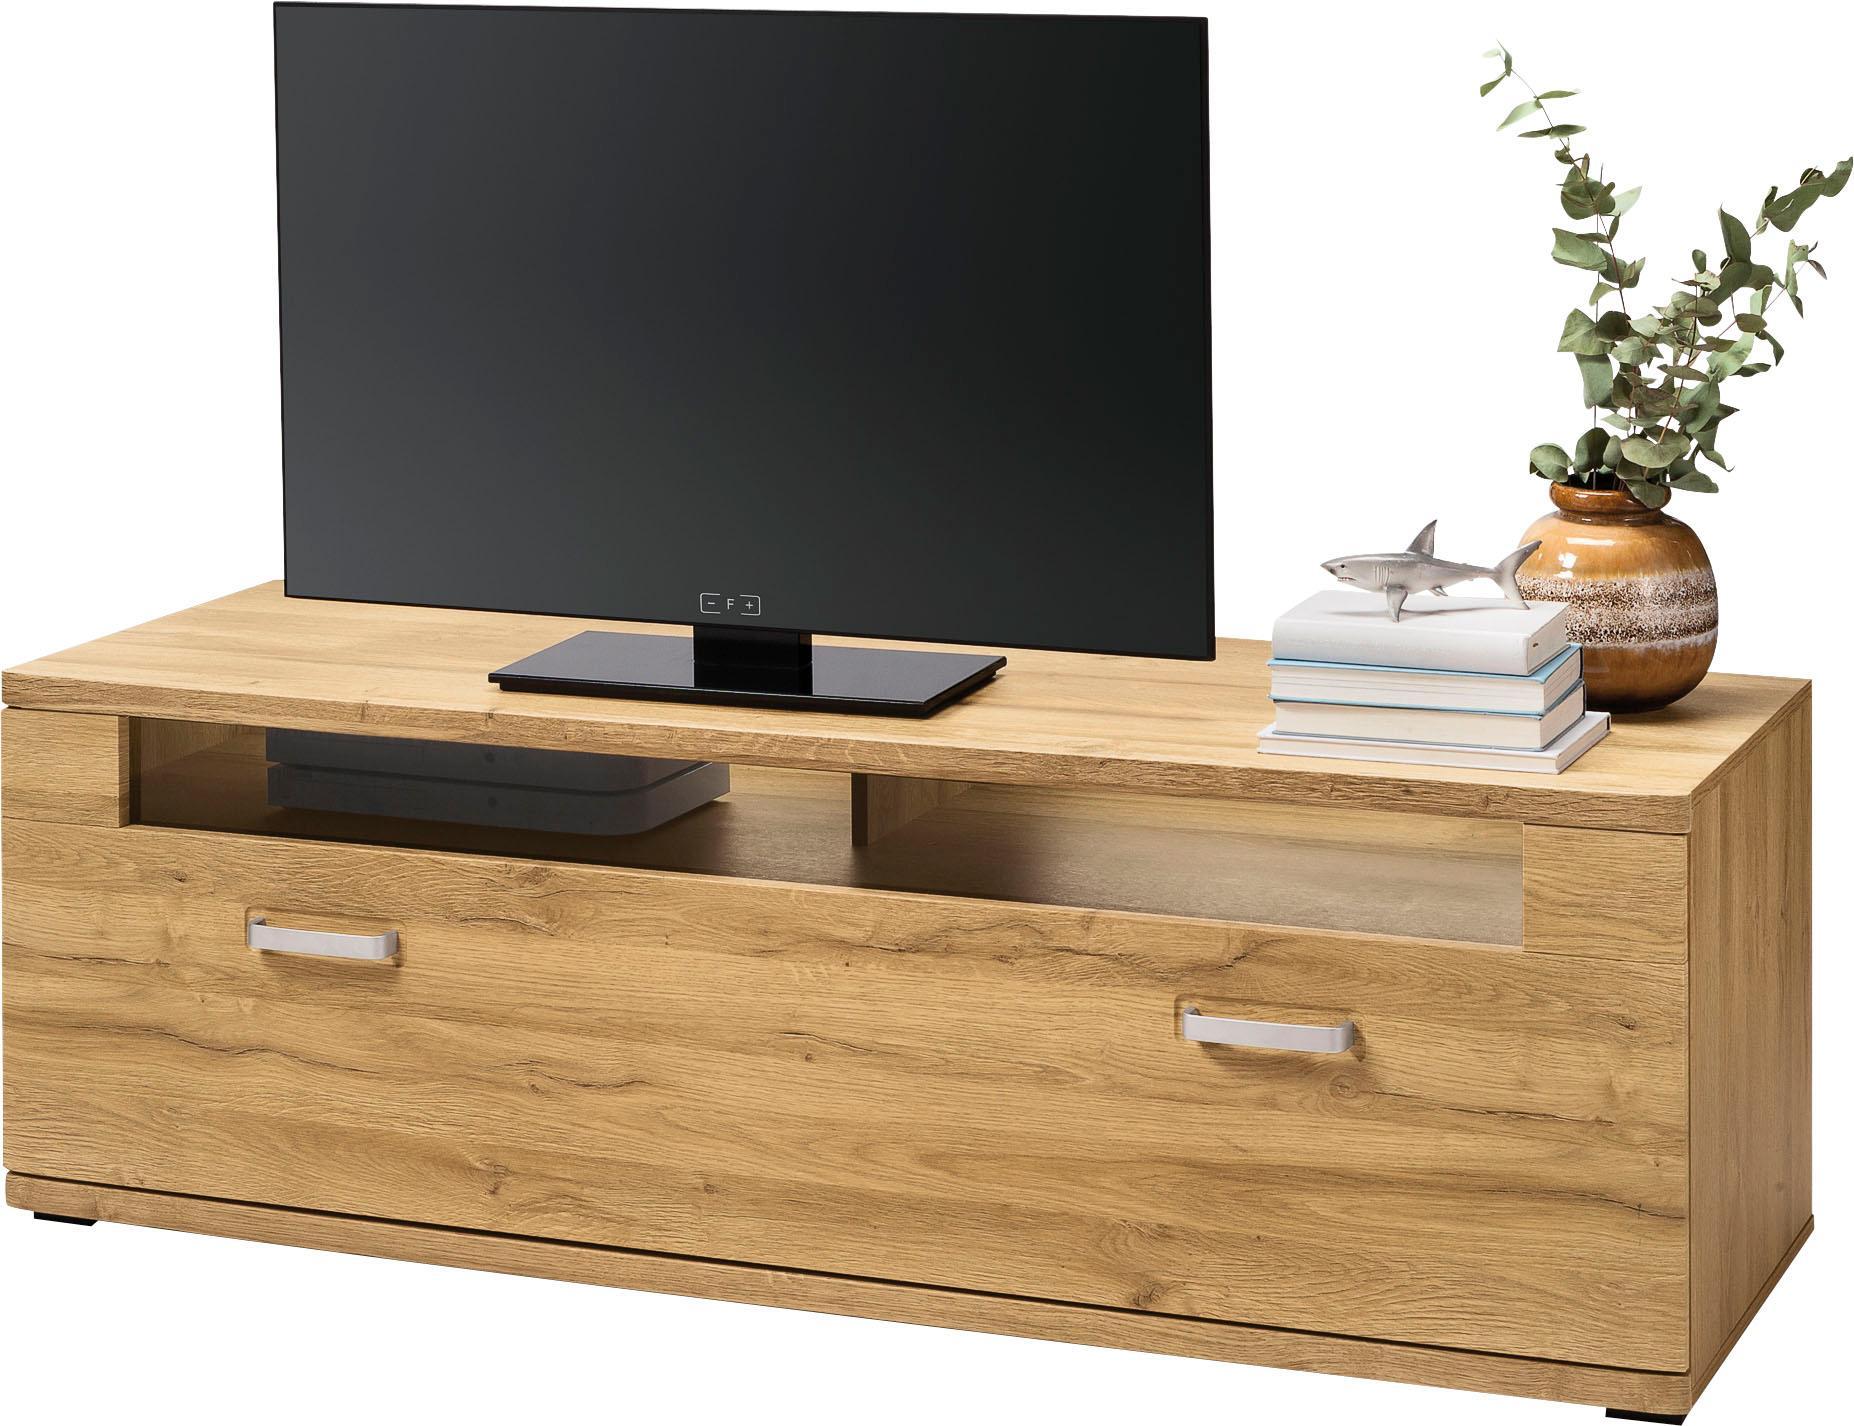 Set One By Musterring Lowboards Online Kaufen Möbel Suchmaschine